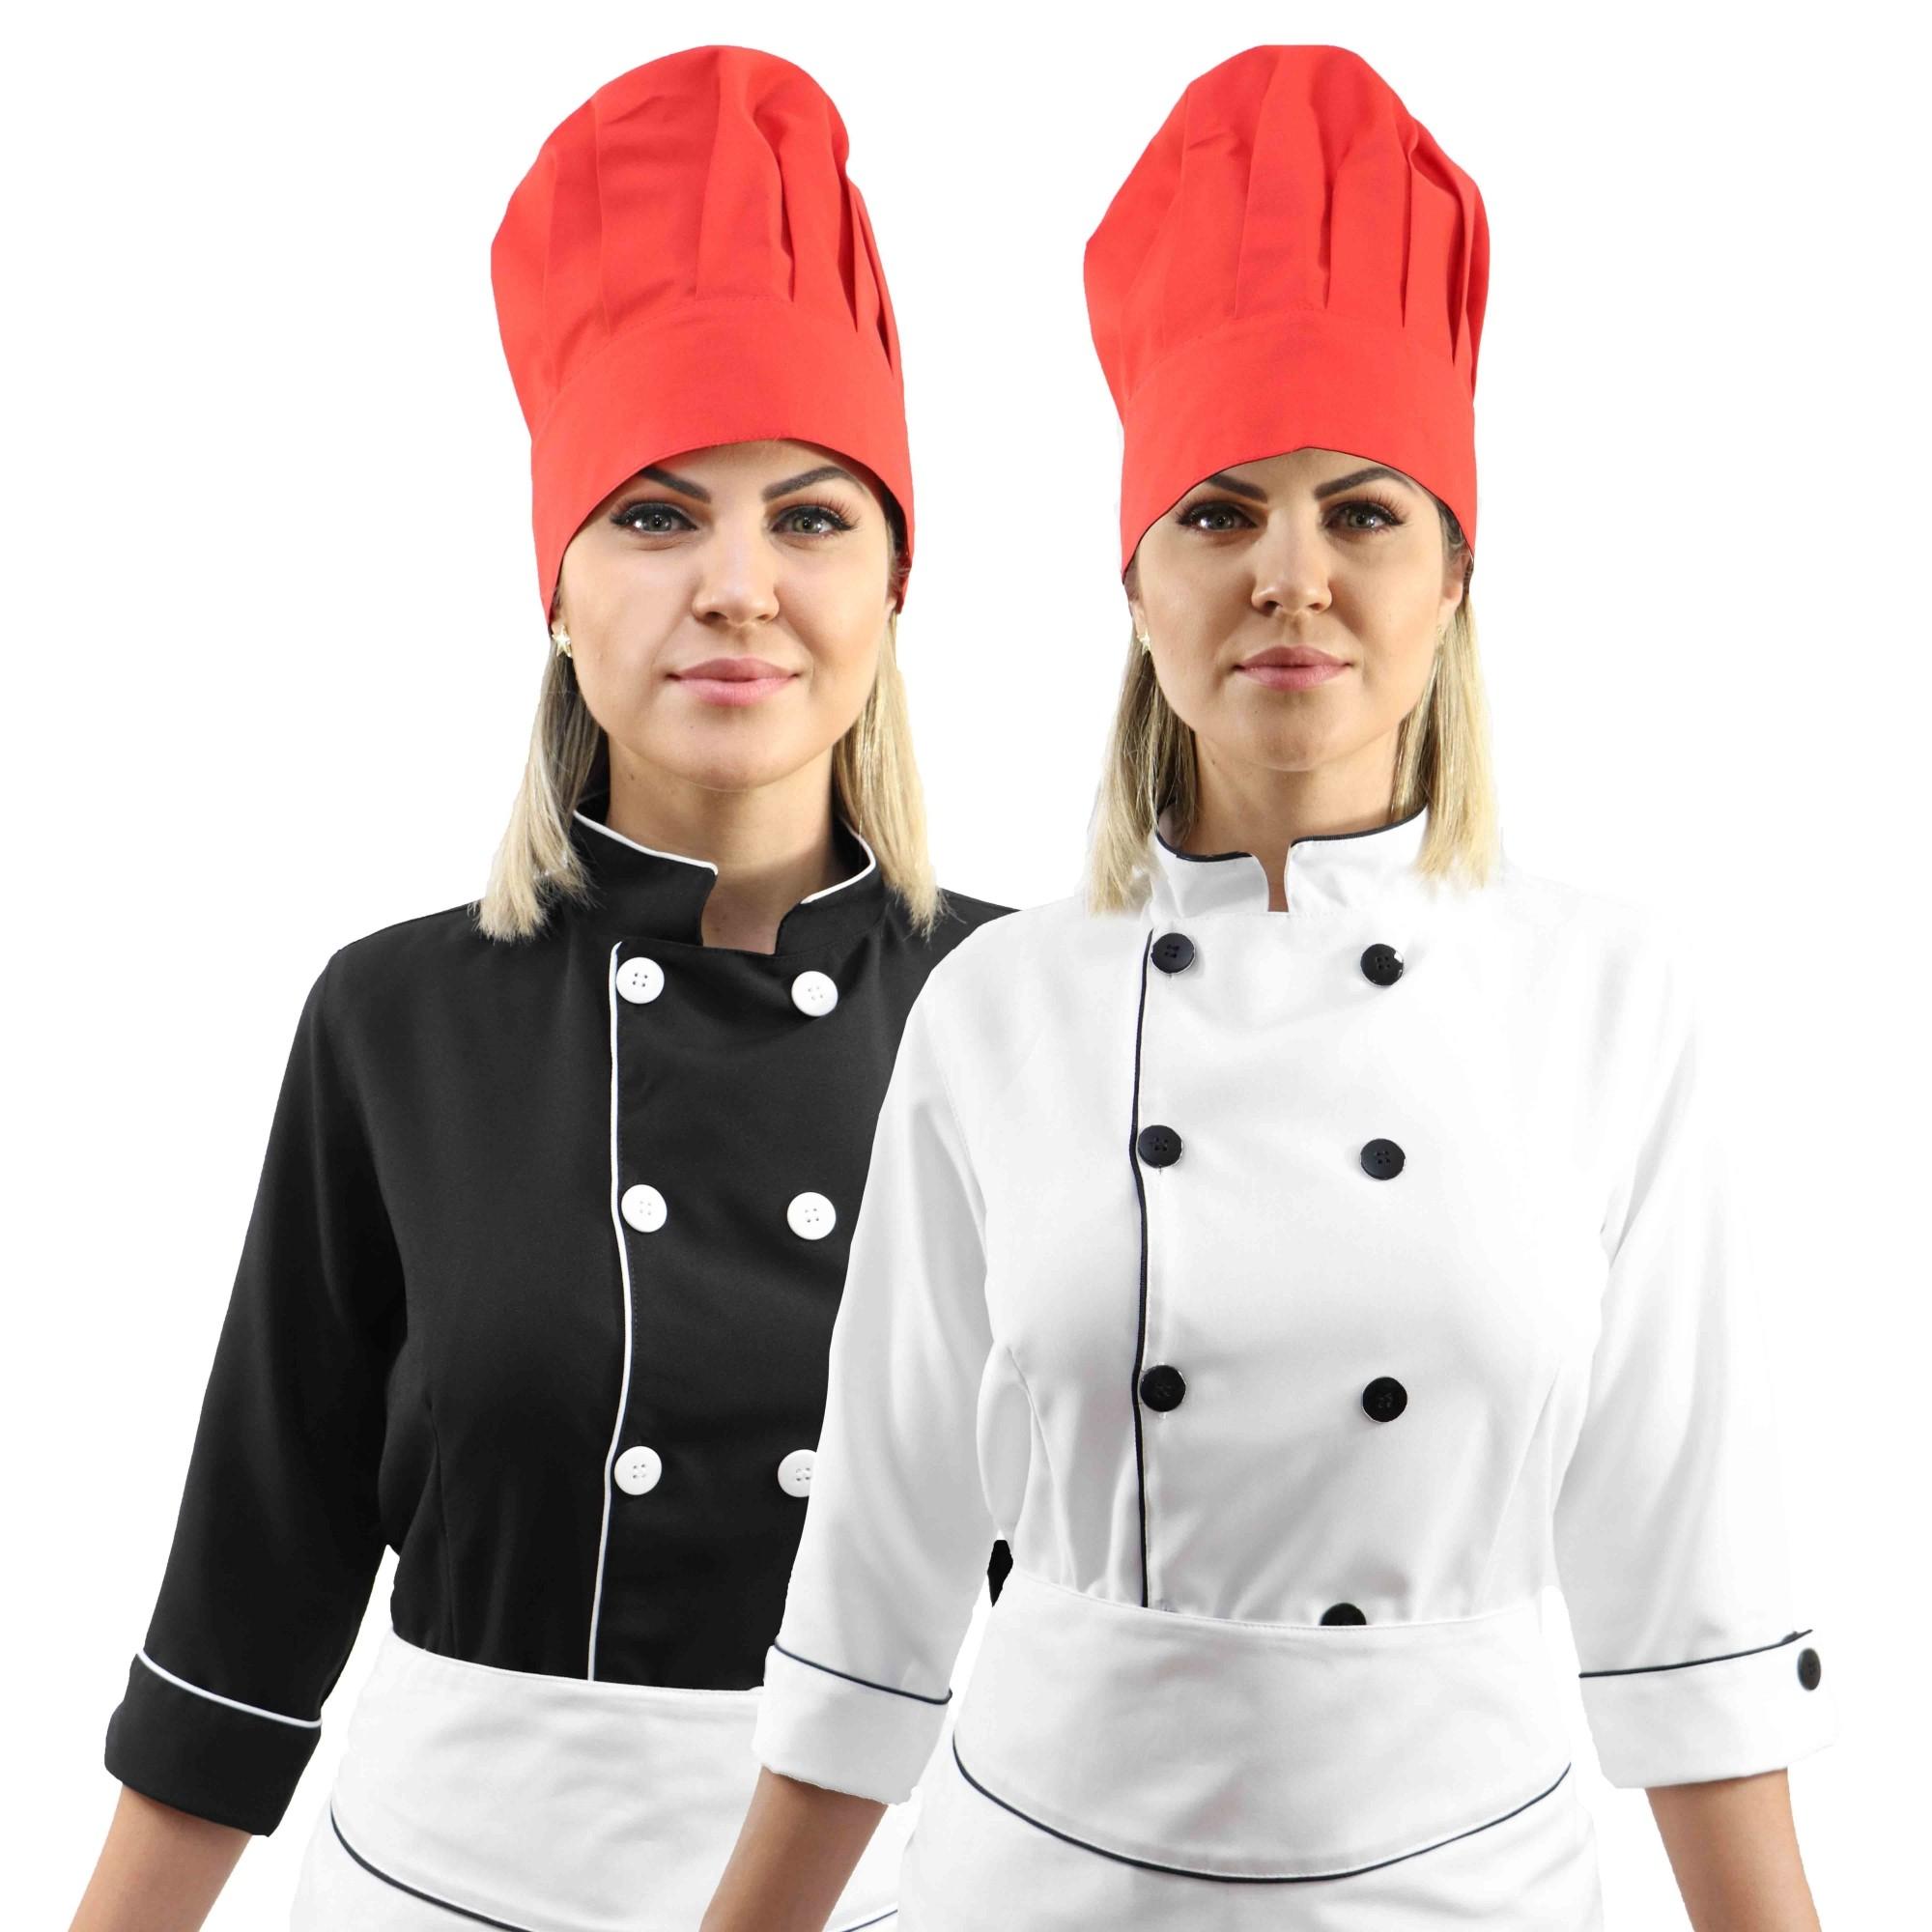 Kit Chef Cozinha Feminino Dolmã Manga 3/4 + Avental branco + Chapéu vermelho